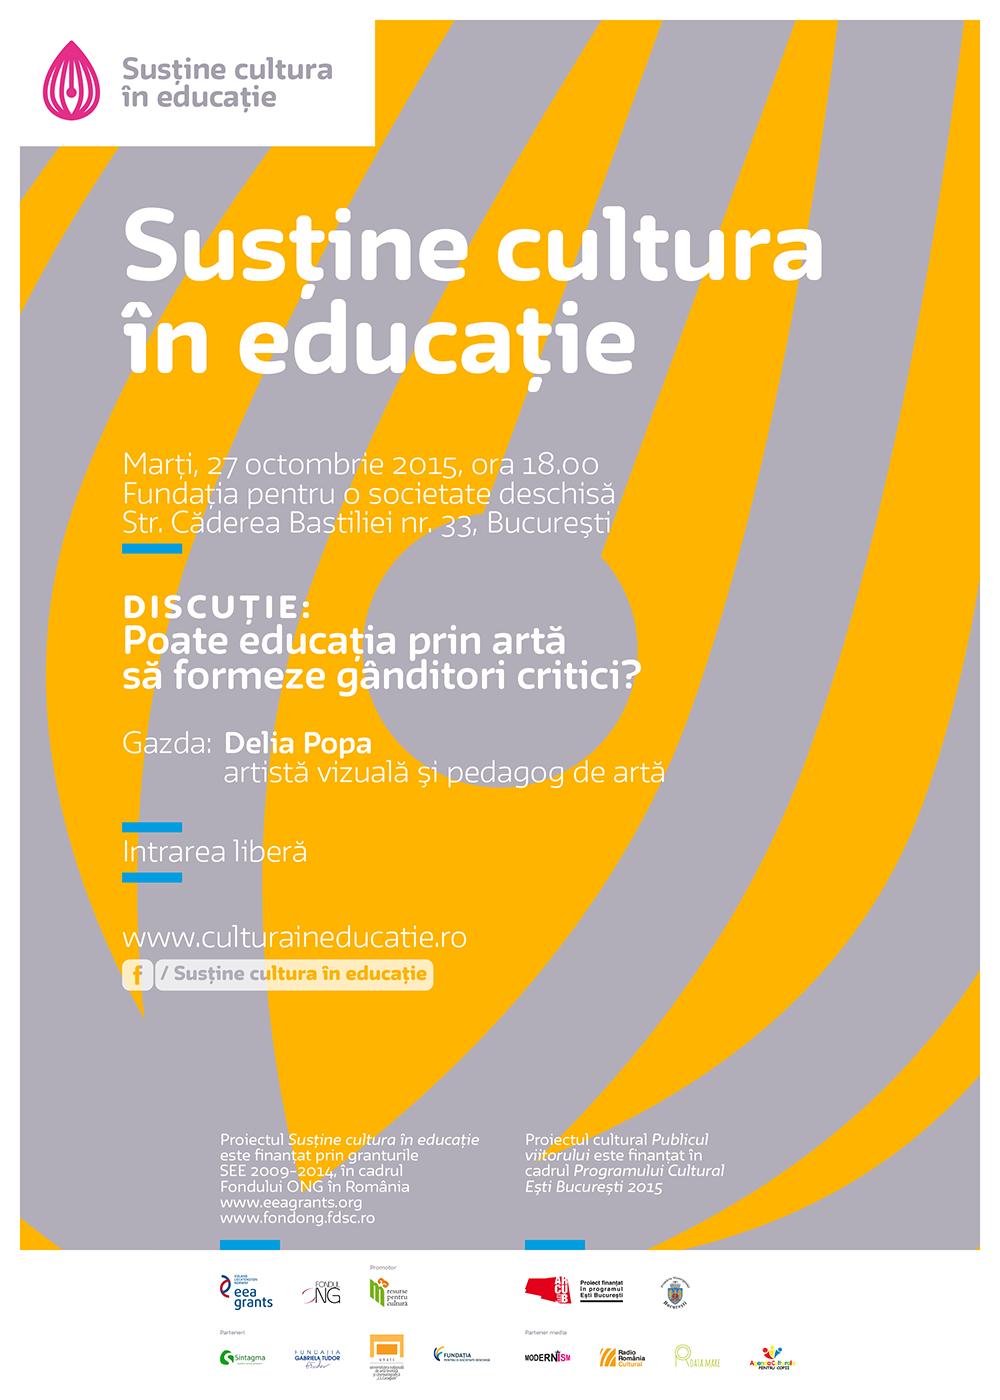 """Întâlnire """"Cultura în educație"""": Poate educația prin artă să formeze gânditori critici?"""